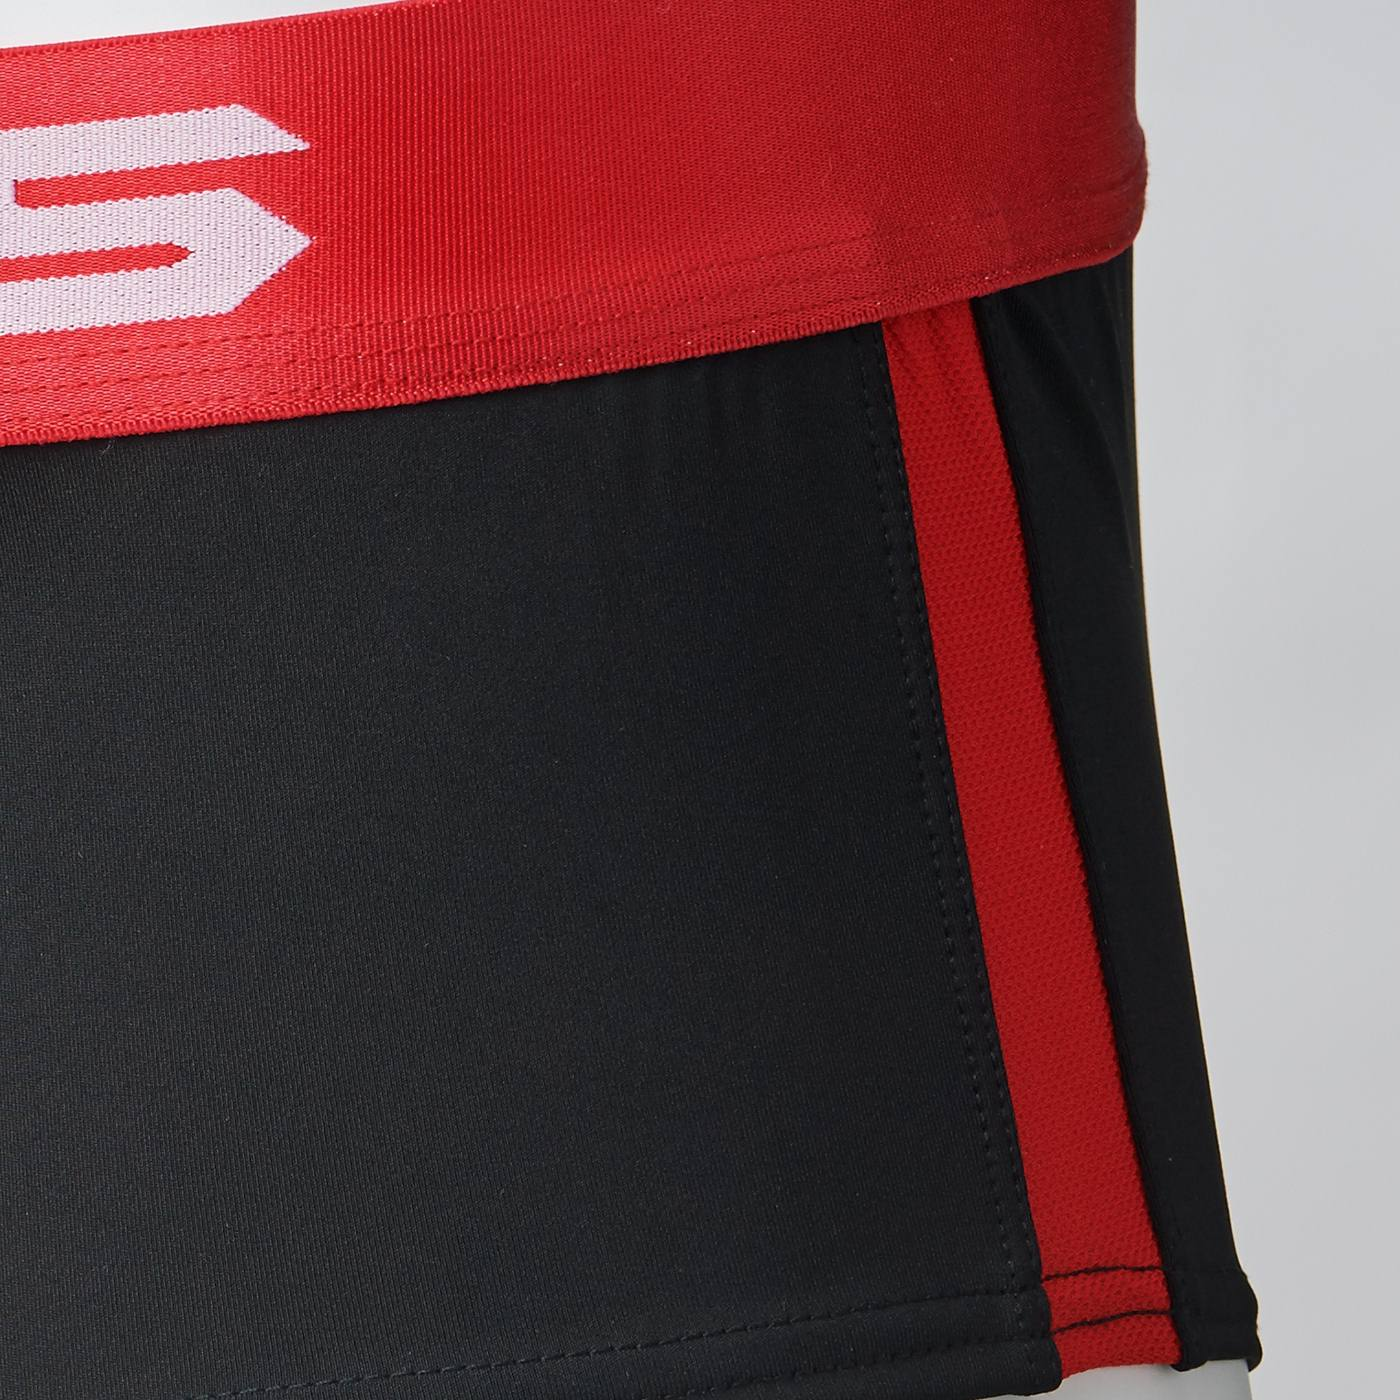 身体に心地よくフィットするストレッチ・ソフトスムース素材をベースに、サイドラインに通気性のよいストレッチ・ドライメッシュ素材を採用